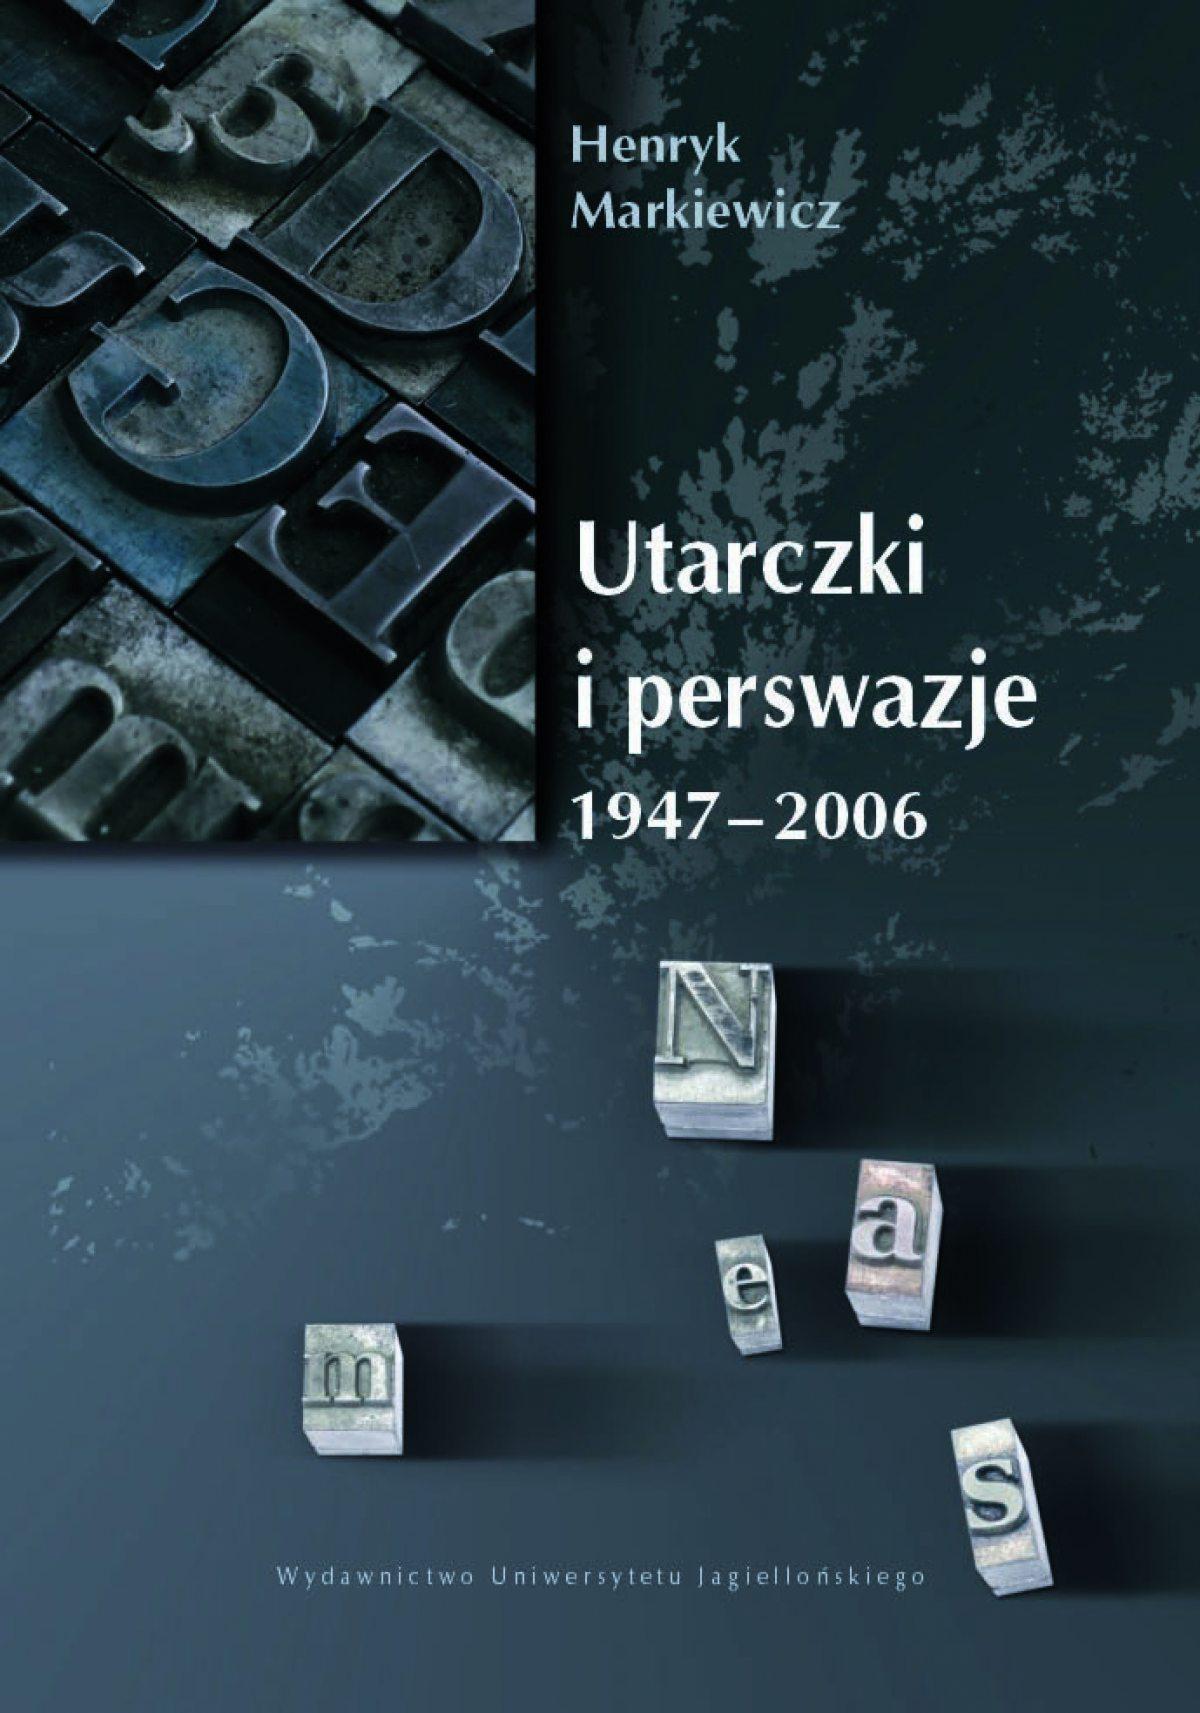 Utarczki i perswazje. 1947-2006 - Ebook (Książka PDF) do pobrania w formacie PDF